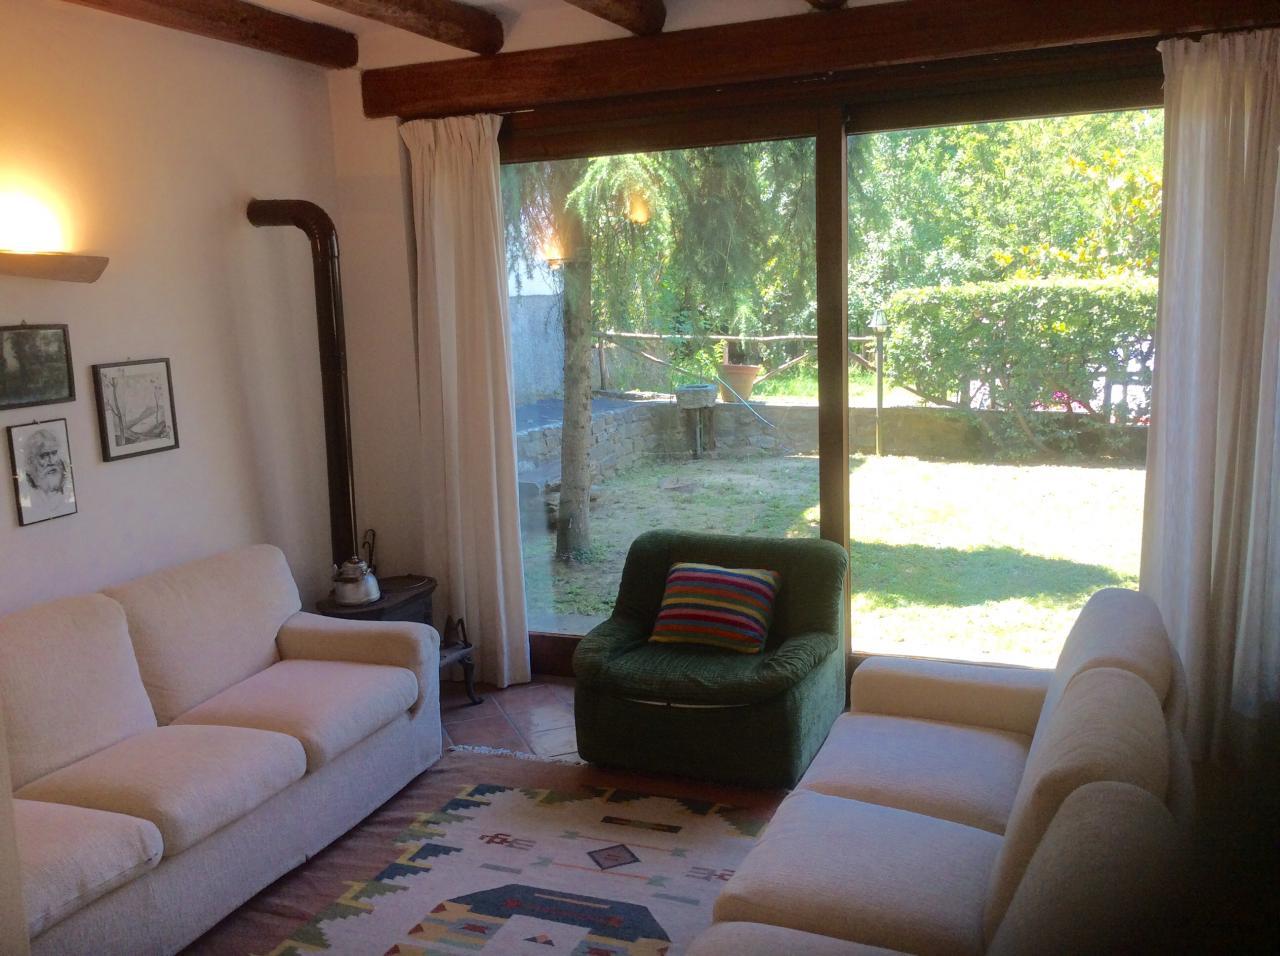 Soluzione Semindipendente in vendita a Lerma, 6 locali, prezzo € 160.000 | Cambio Casa.it